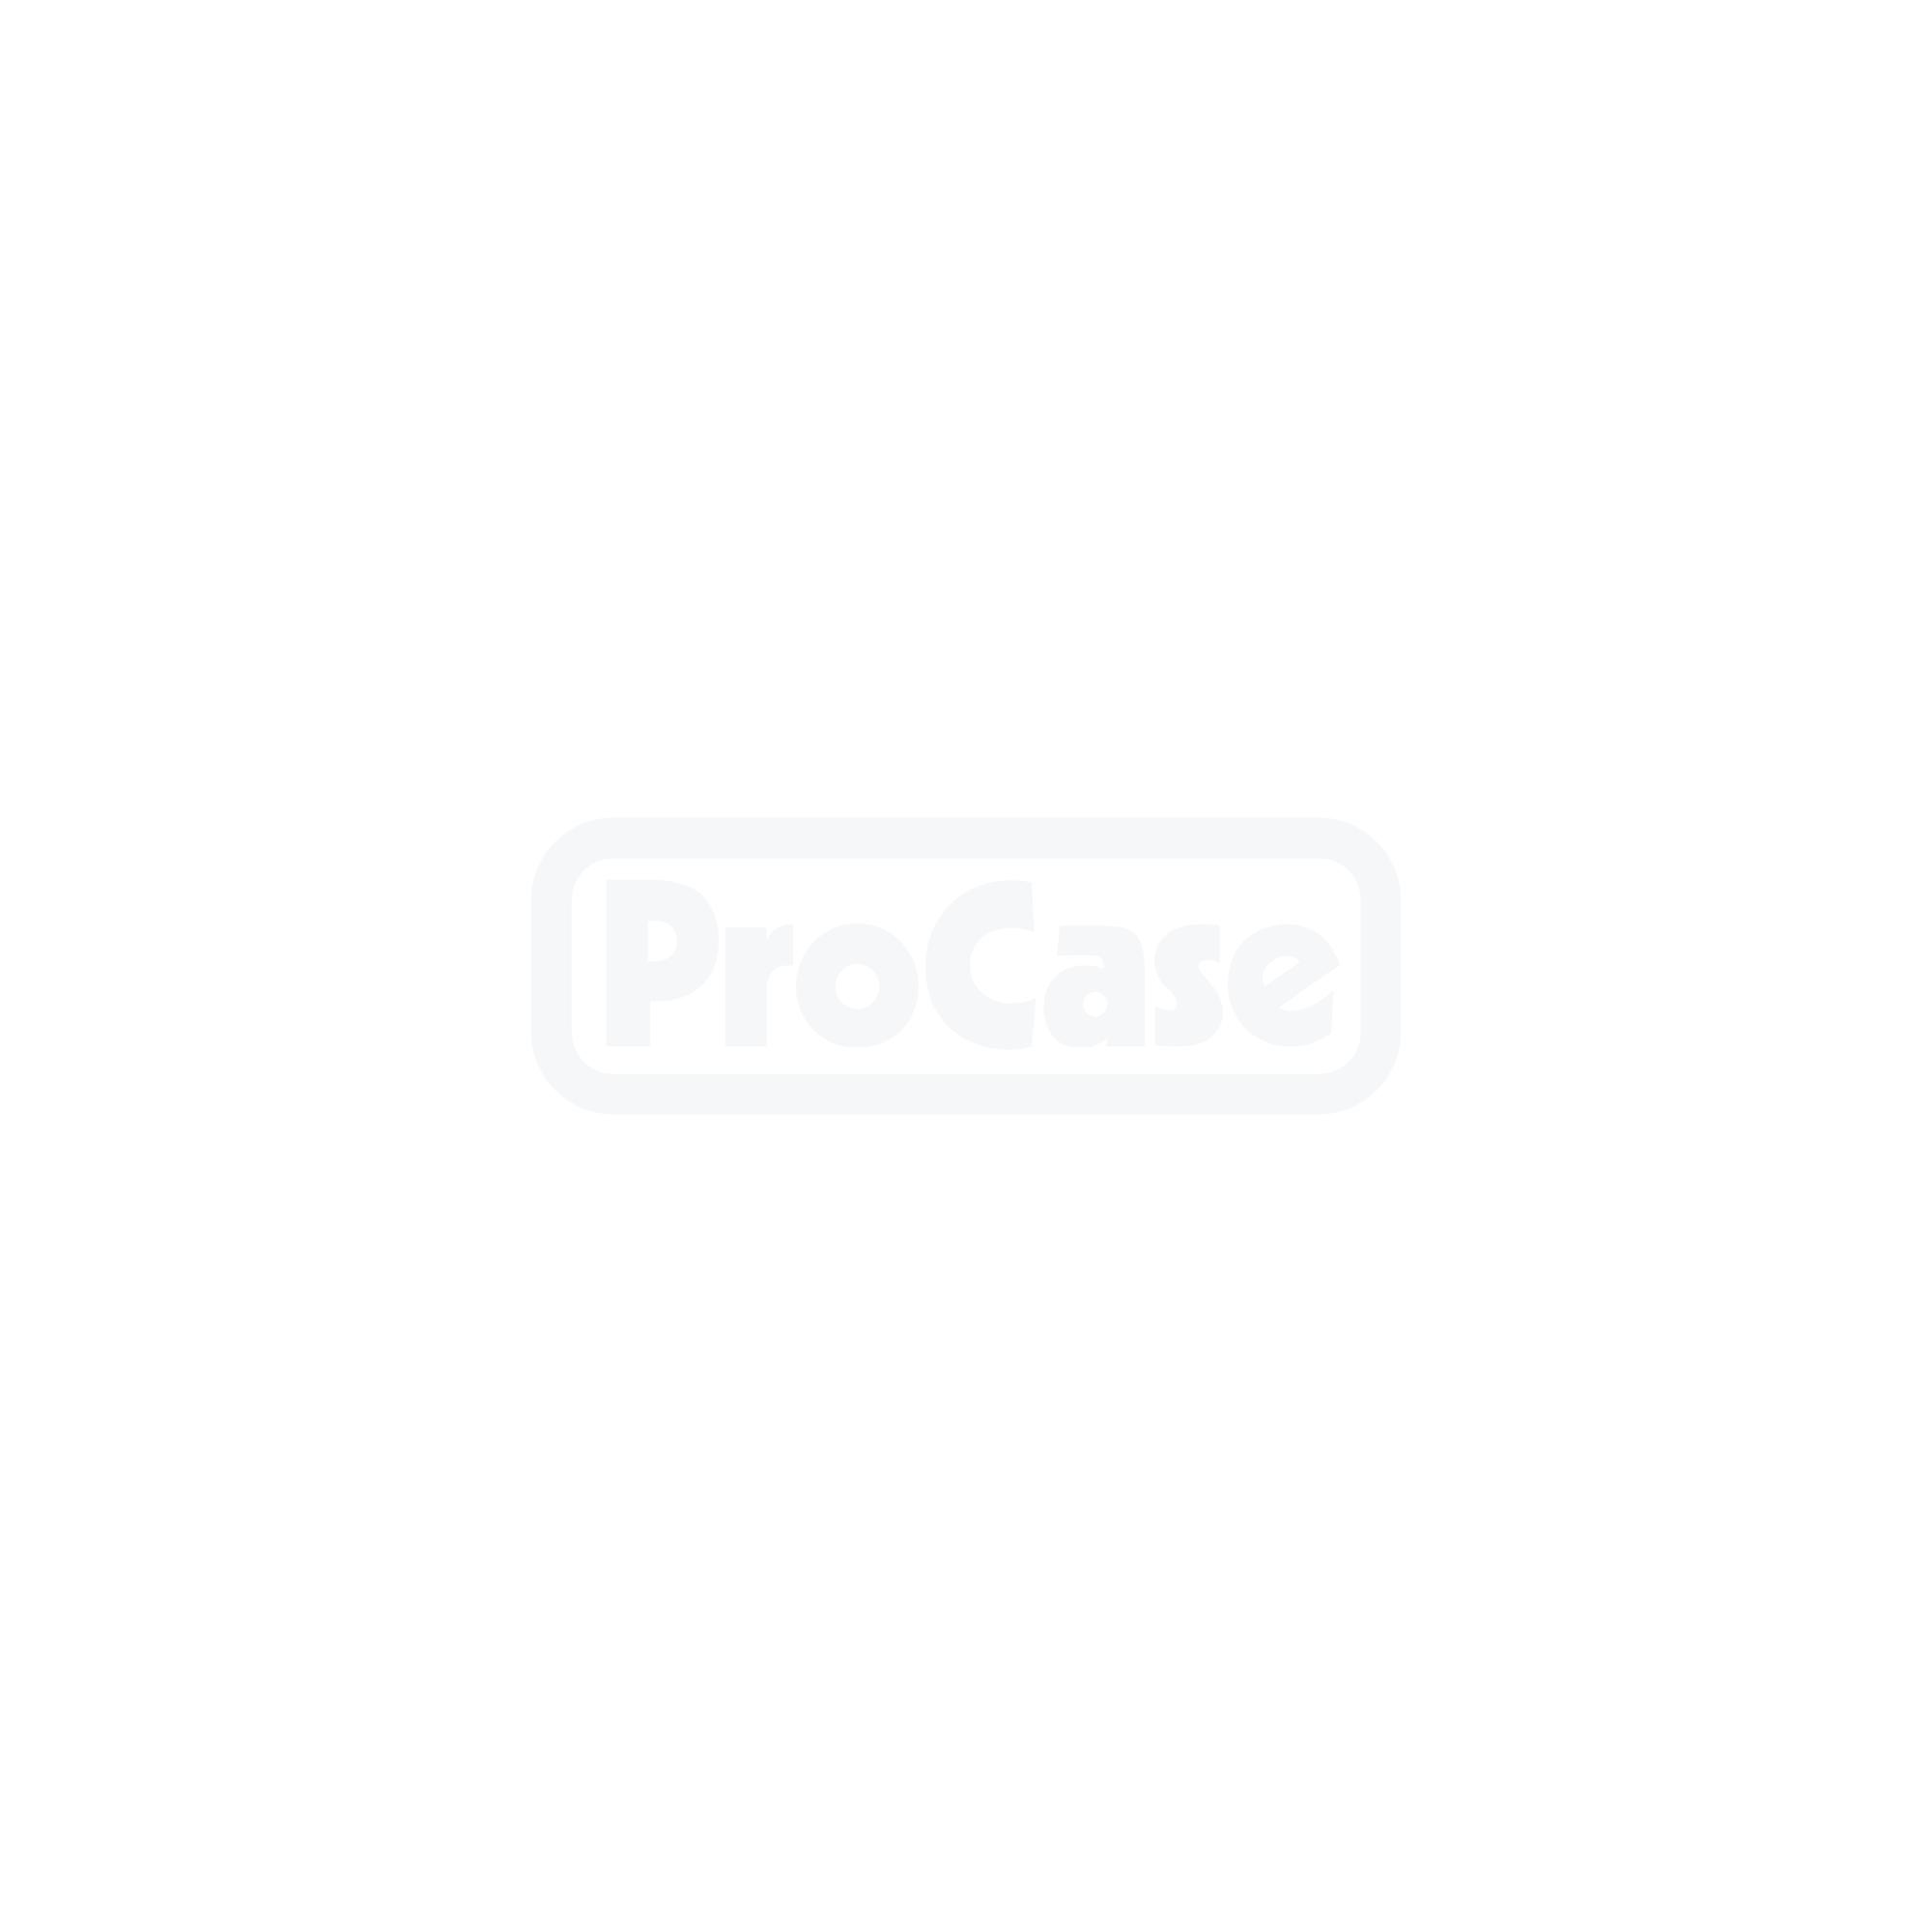 QSD Stack-Rack 3HE 600 tief 3